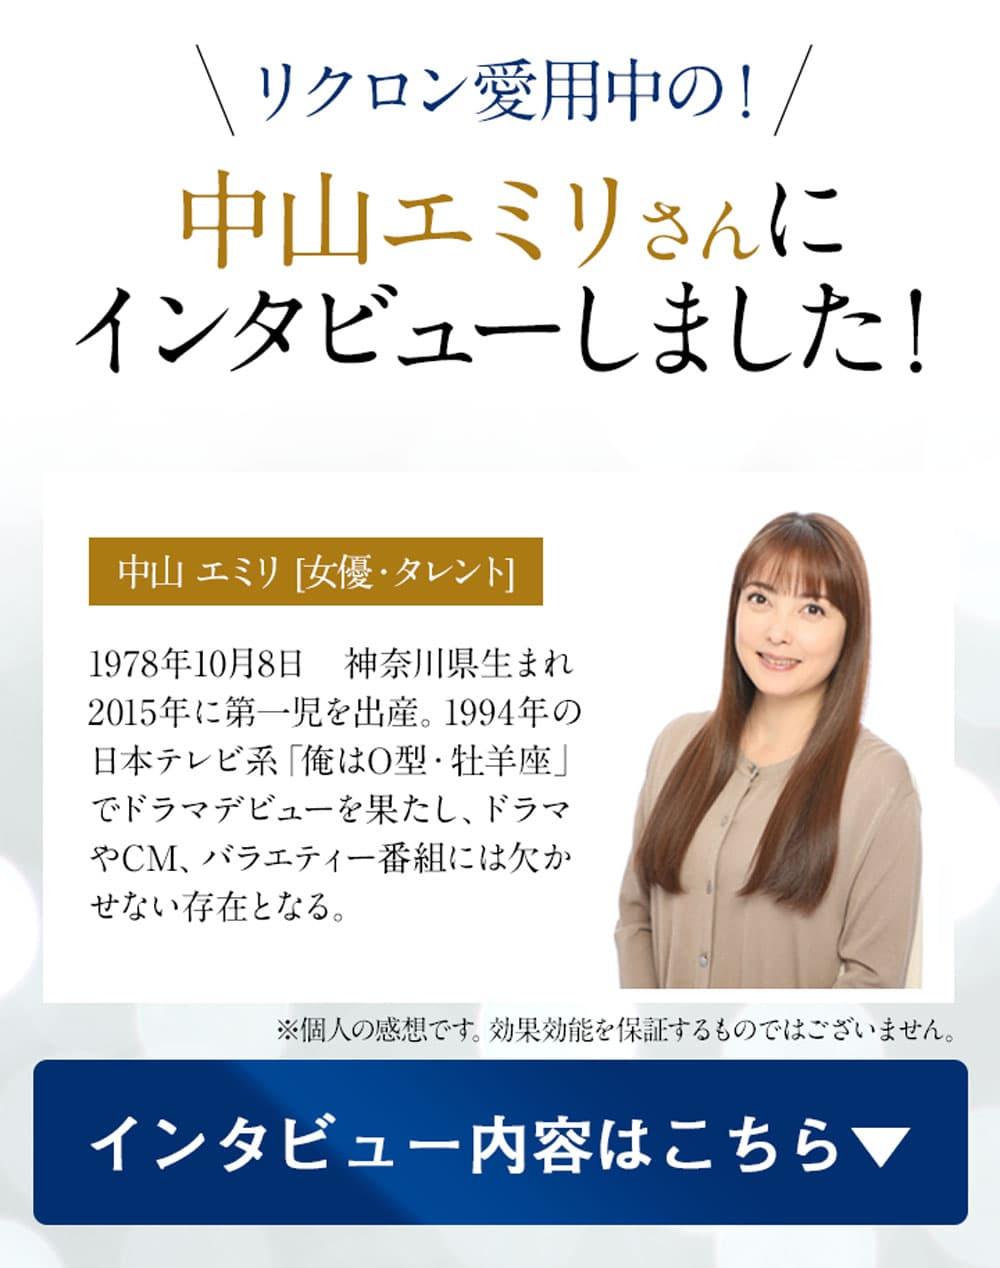 中山さんにインタビューしました